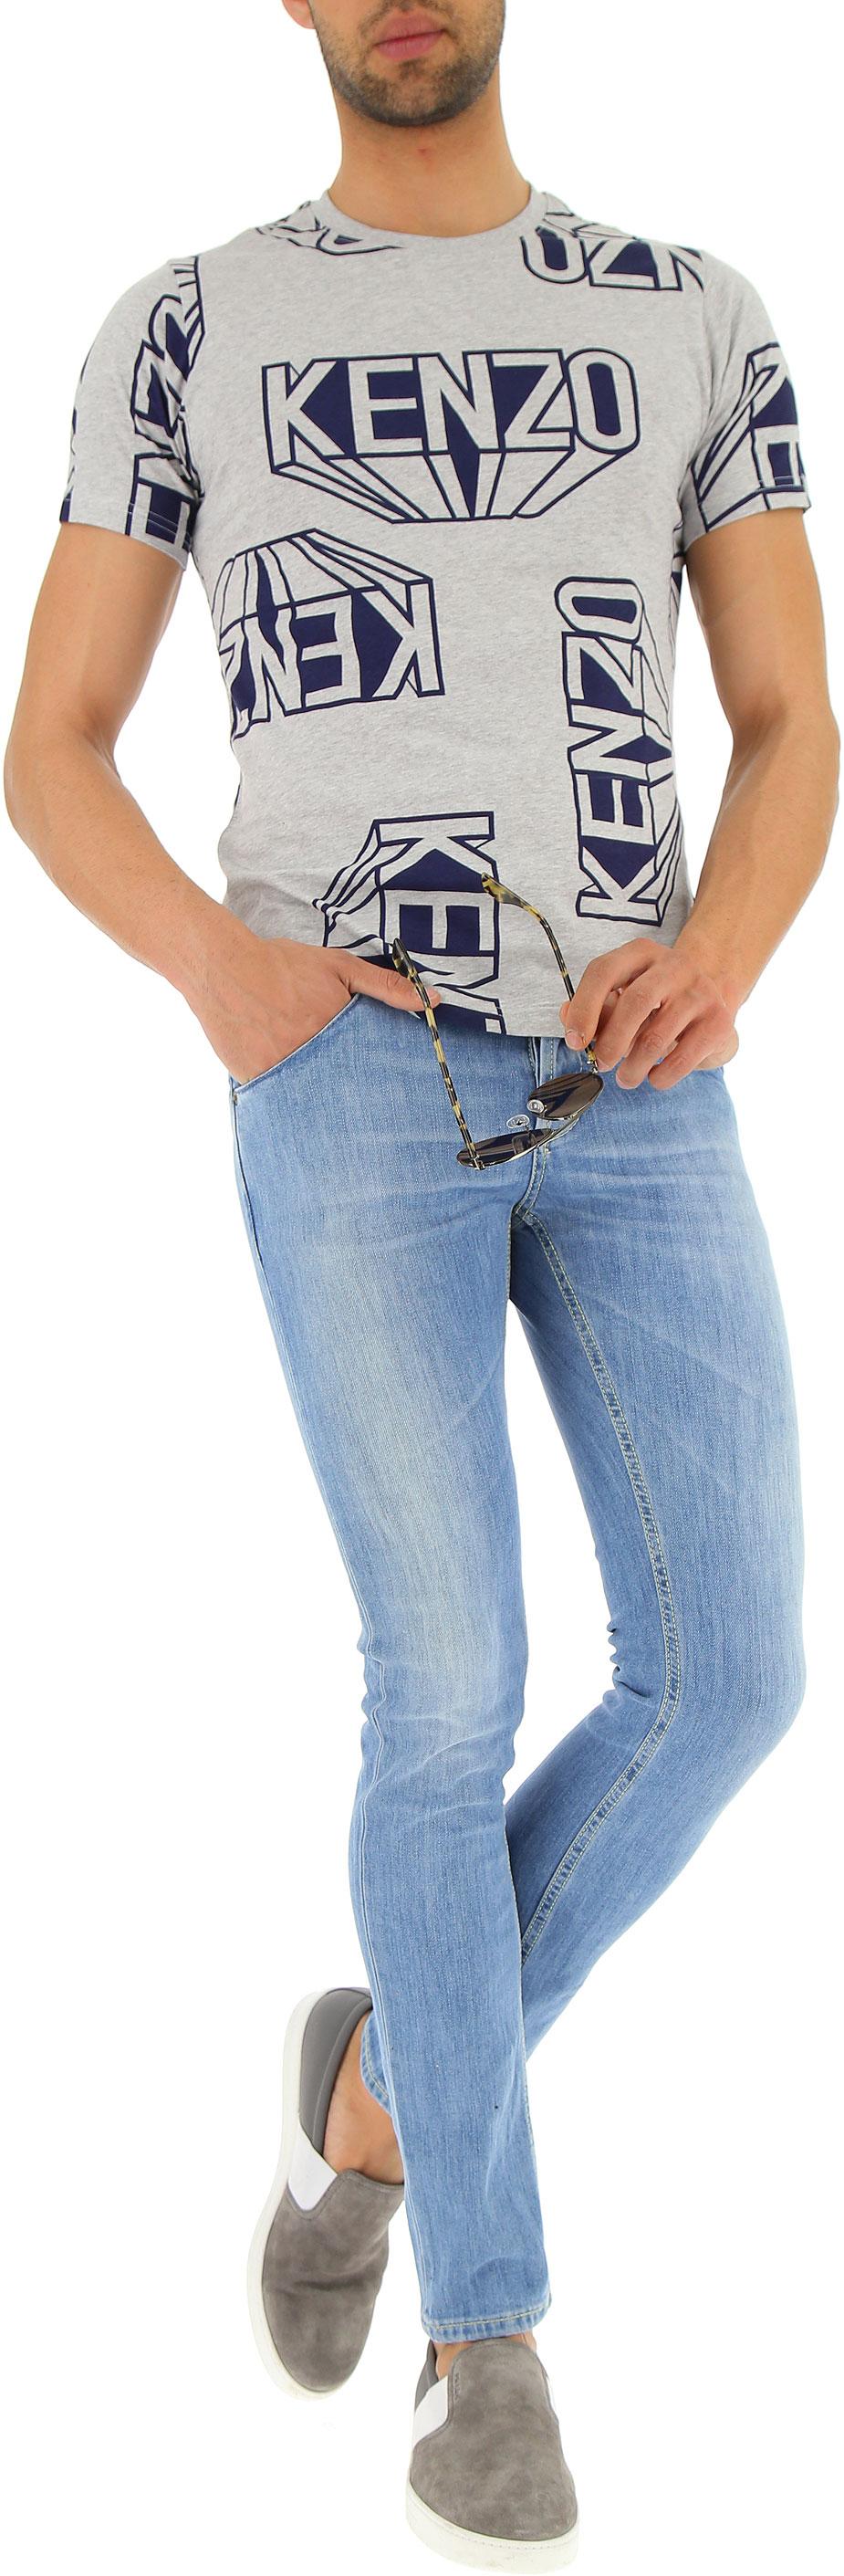 Abbigliamento Uomo Dondup, Codice Articolo: up232-ds050u-l40